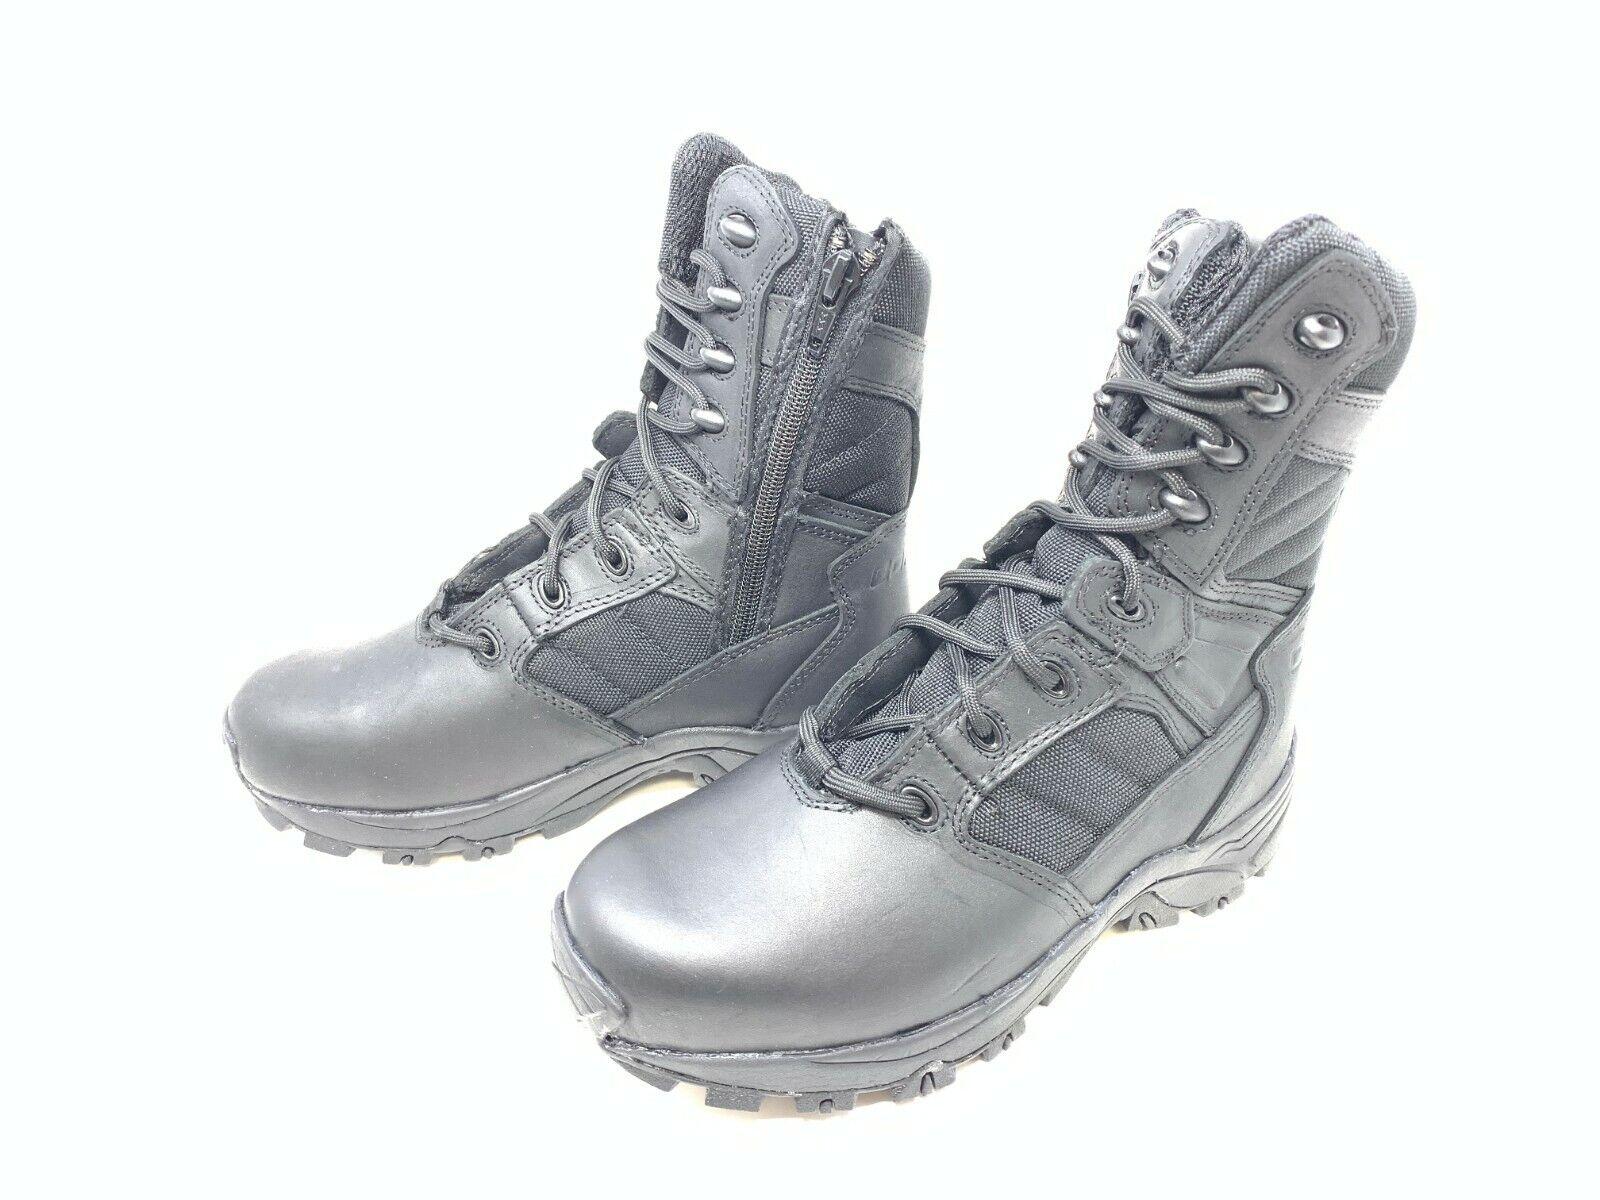 Para Hombre Corcoran (CV5000) 8' Negro Con Cremallera Lateral botas Tácticas Wides (G7-9)